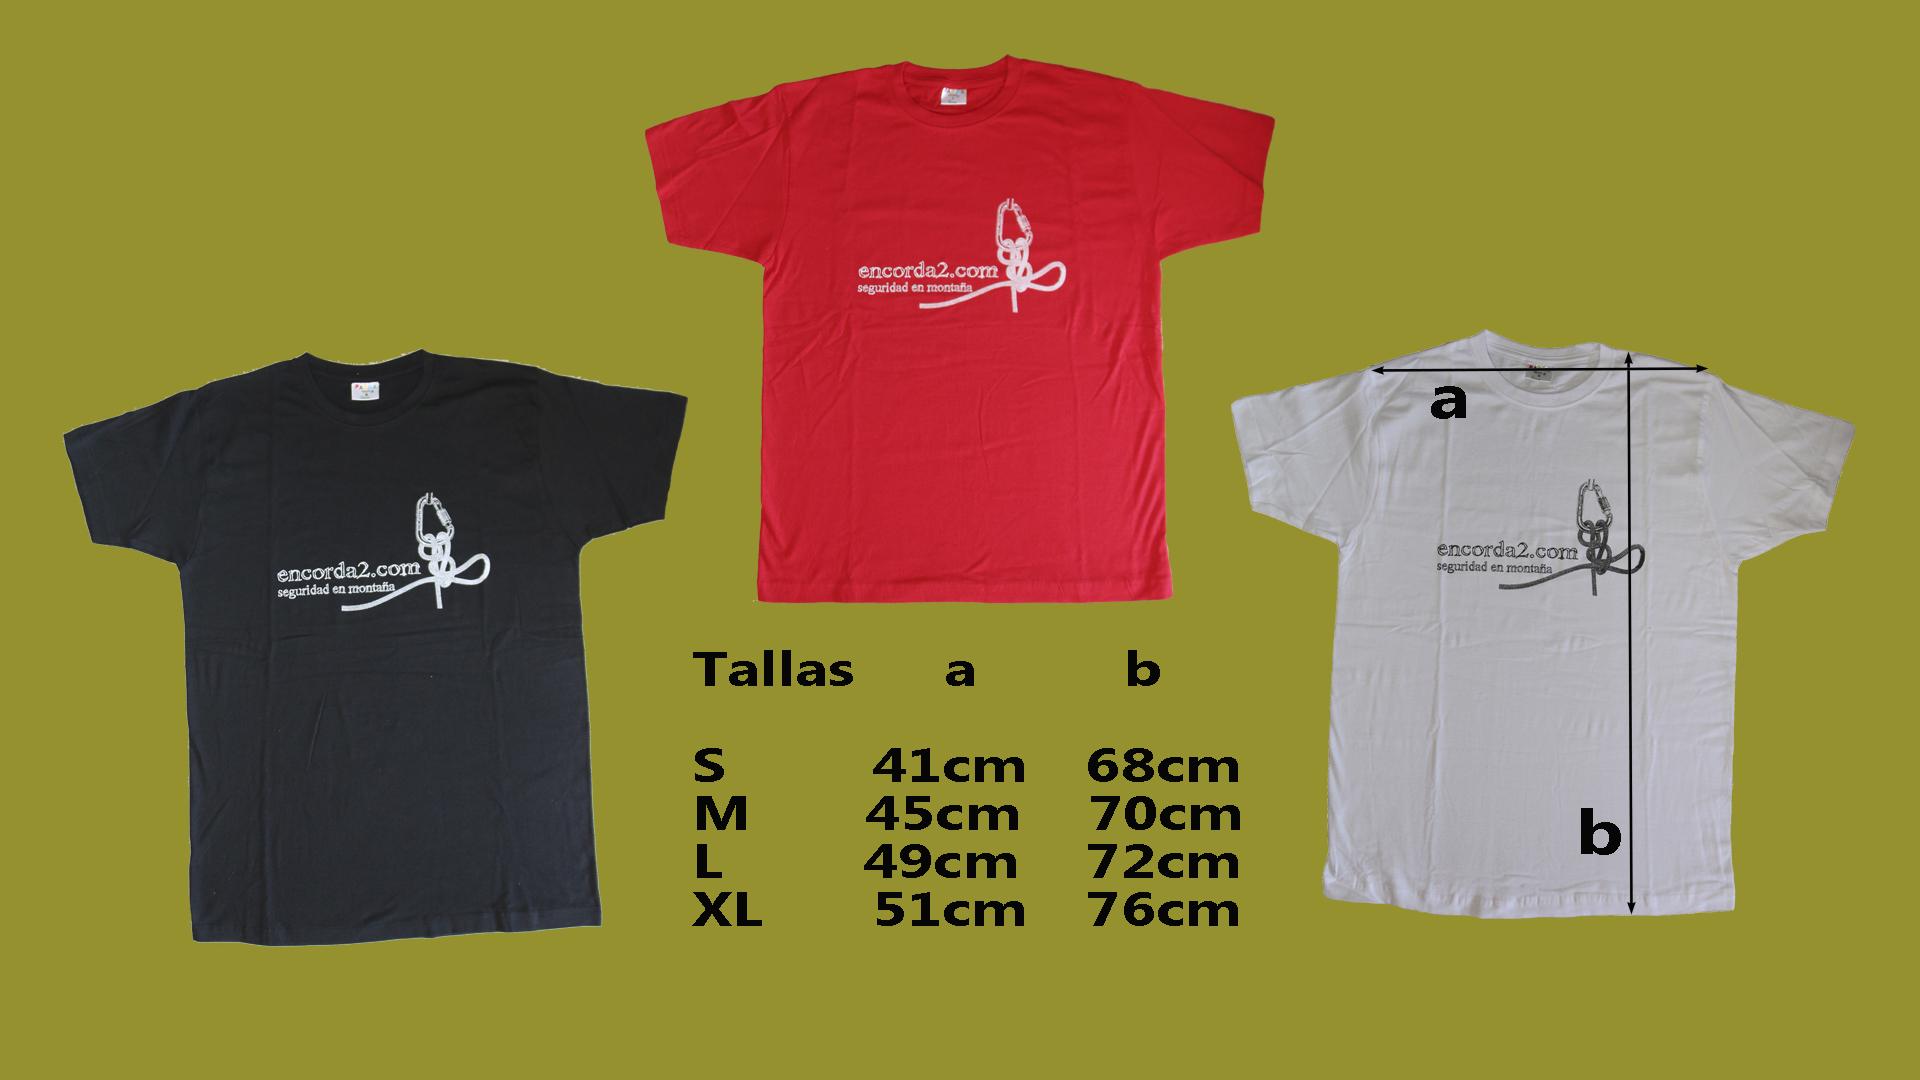 camisetas encorda2